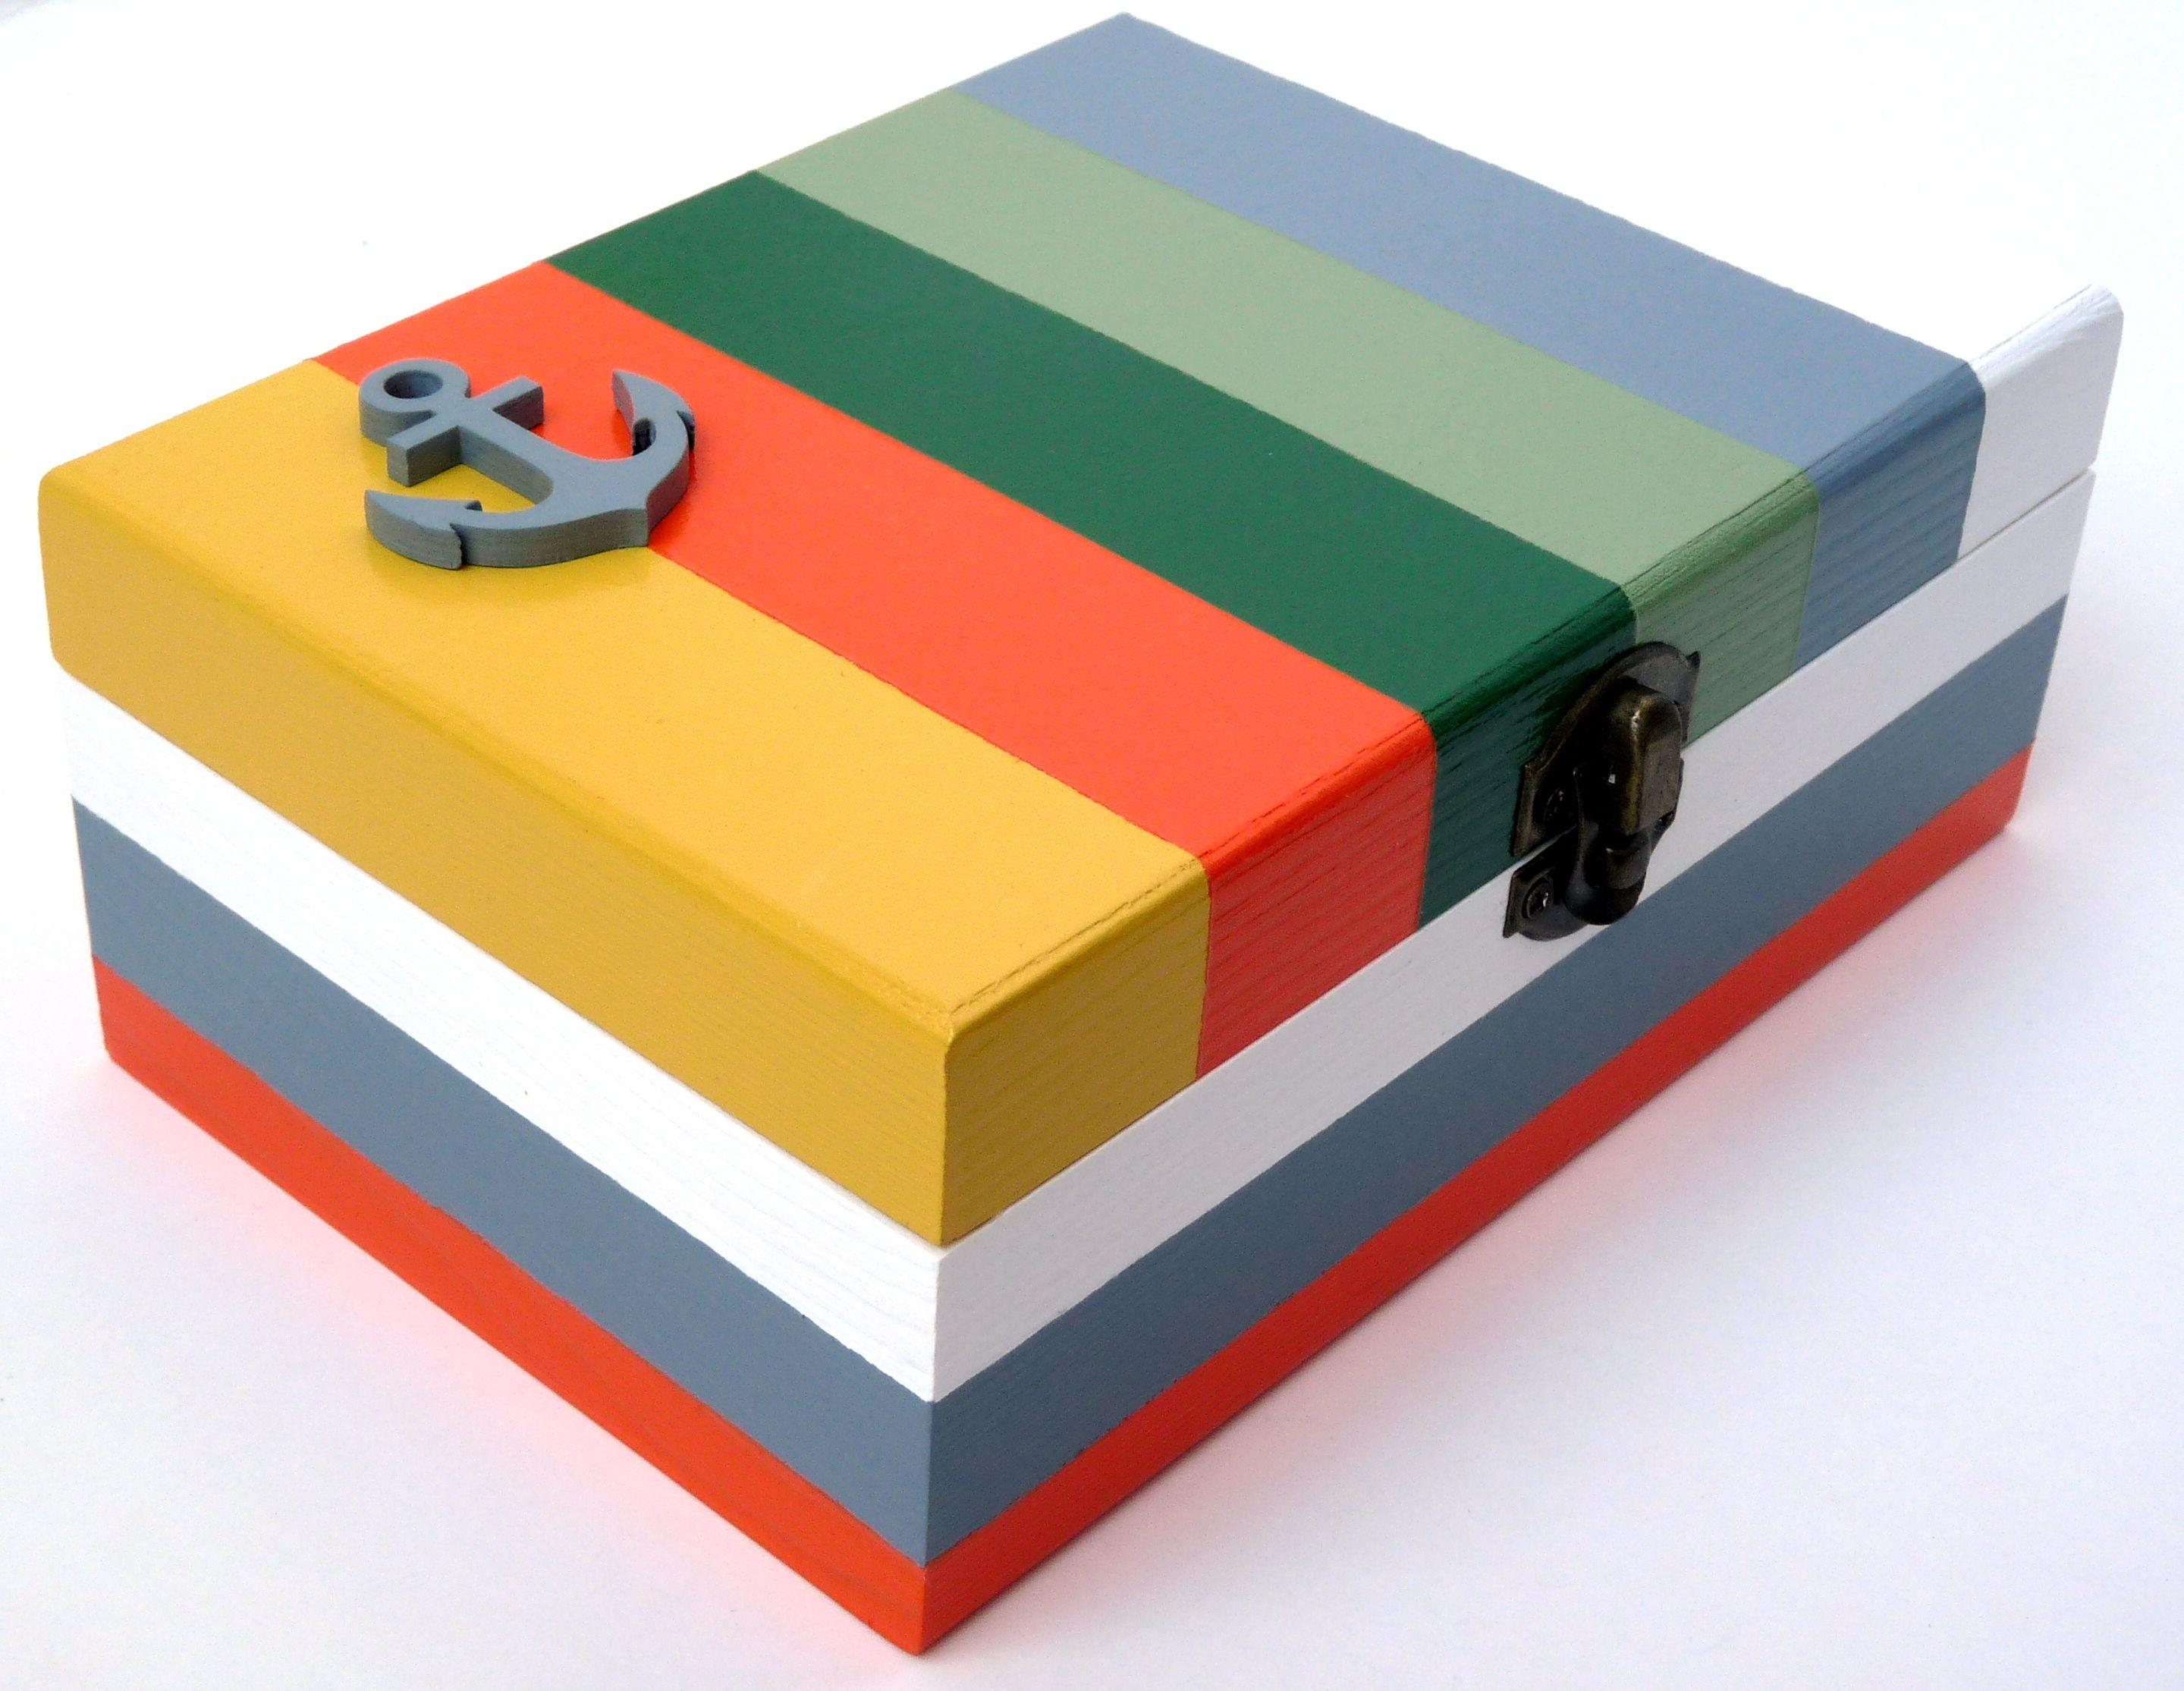 Caixas personalizadas! Todos os trabalhos visam retratar temáticas, cores e padrões de outros tempos. 100% Handmade e 100% Made in Portugal. www.facebook.com/inboxhandmade